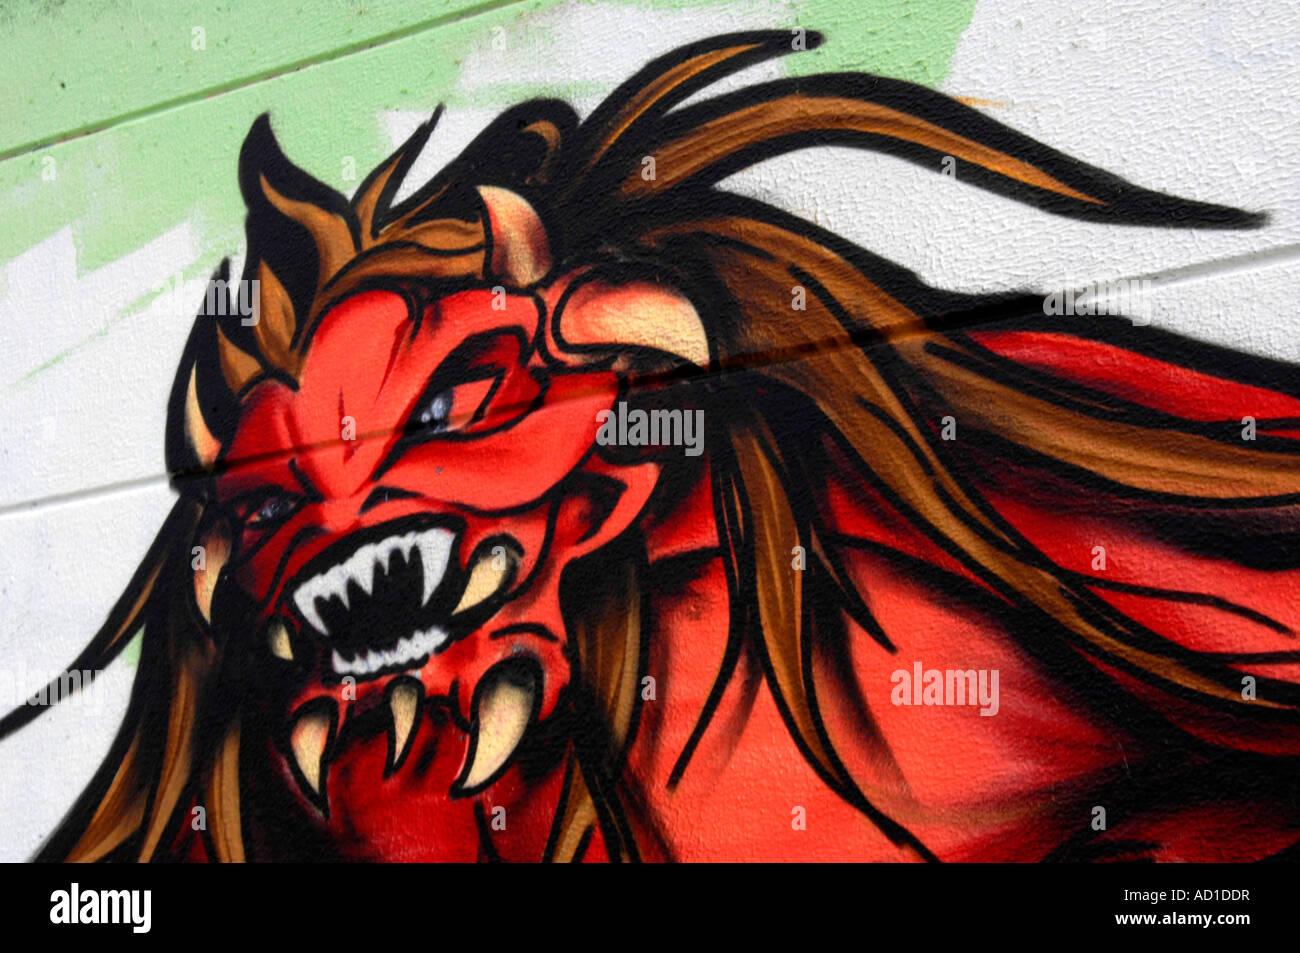 Graffiti rote Dämon Teufel Moster monströse Kunst künstlerisch Graf grafische Darstellung Kunstwerk Stockbild